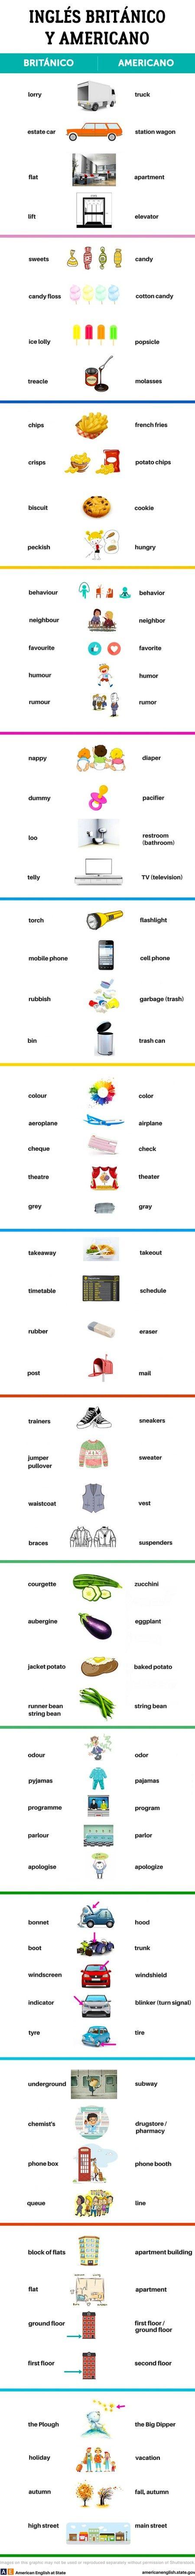 No sabía que había tantas palabras diferentes entre el inglés de Inglaterra y el inglés hablando en Estados Unidos! Aquí una infografía completa. click para agrandarla. Vía: Genial